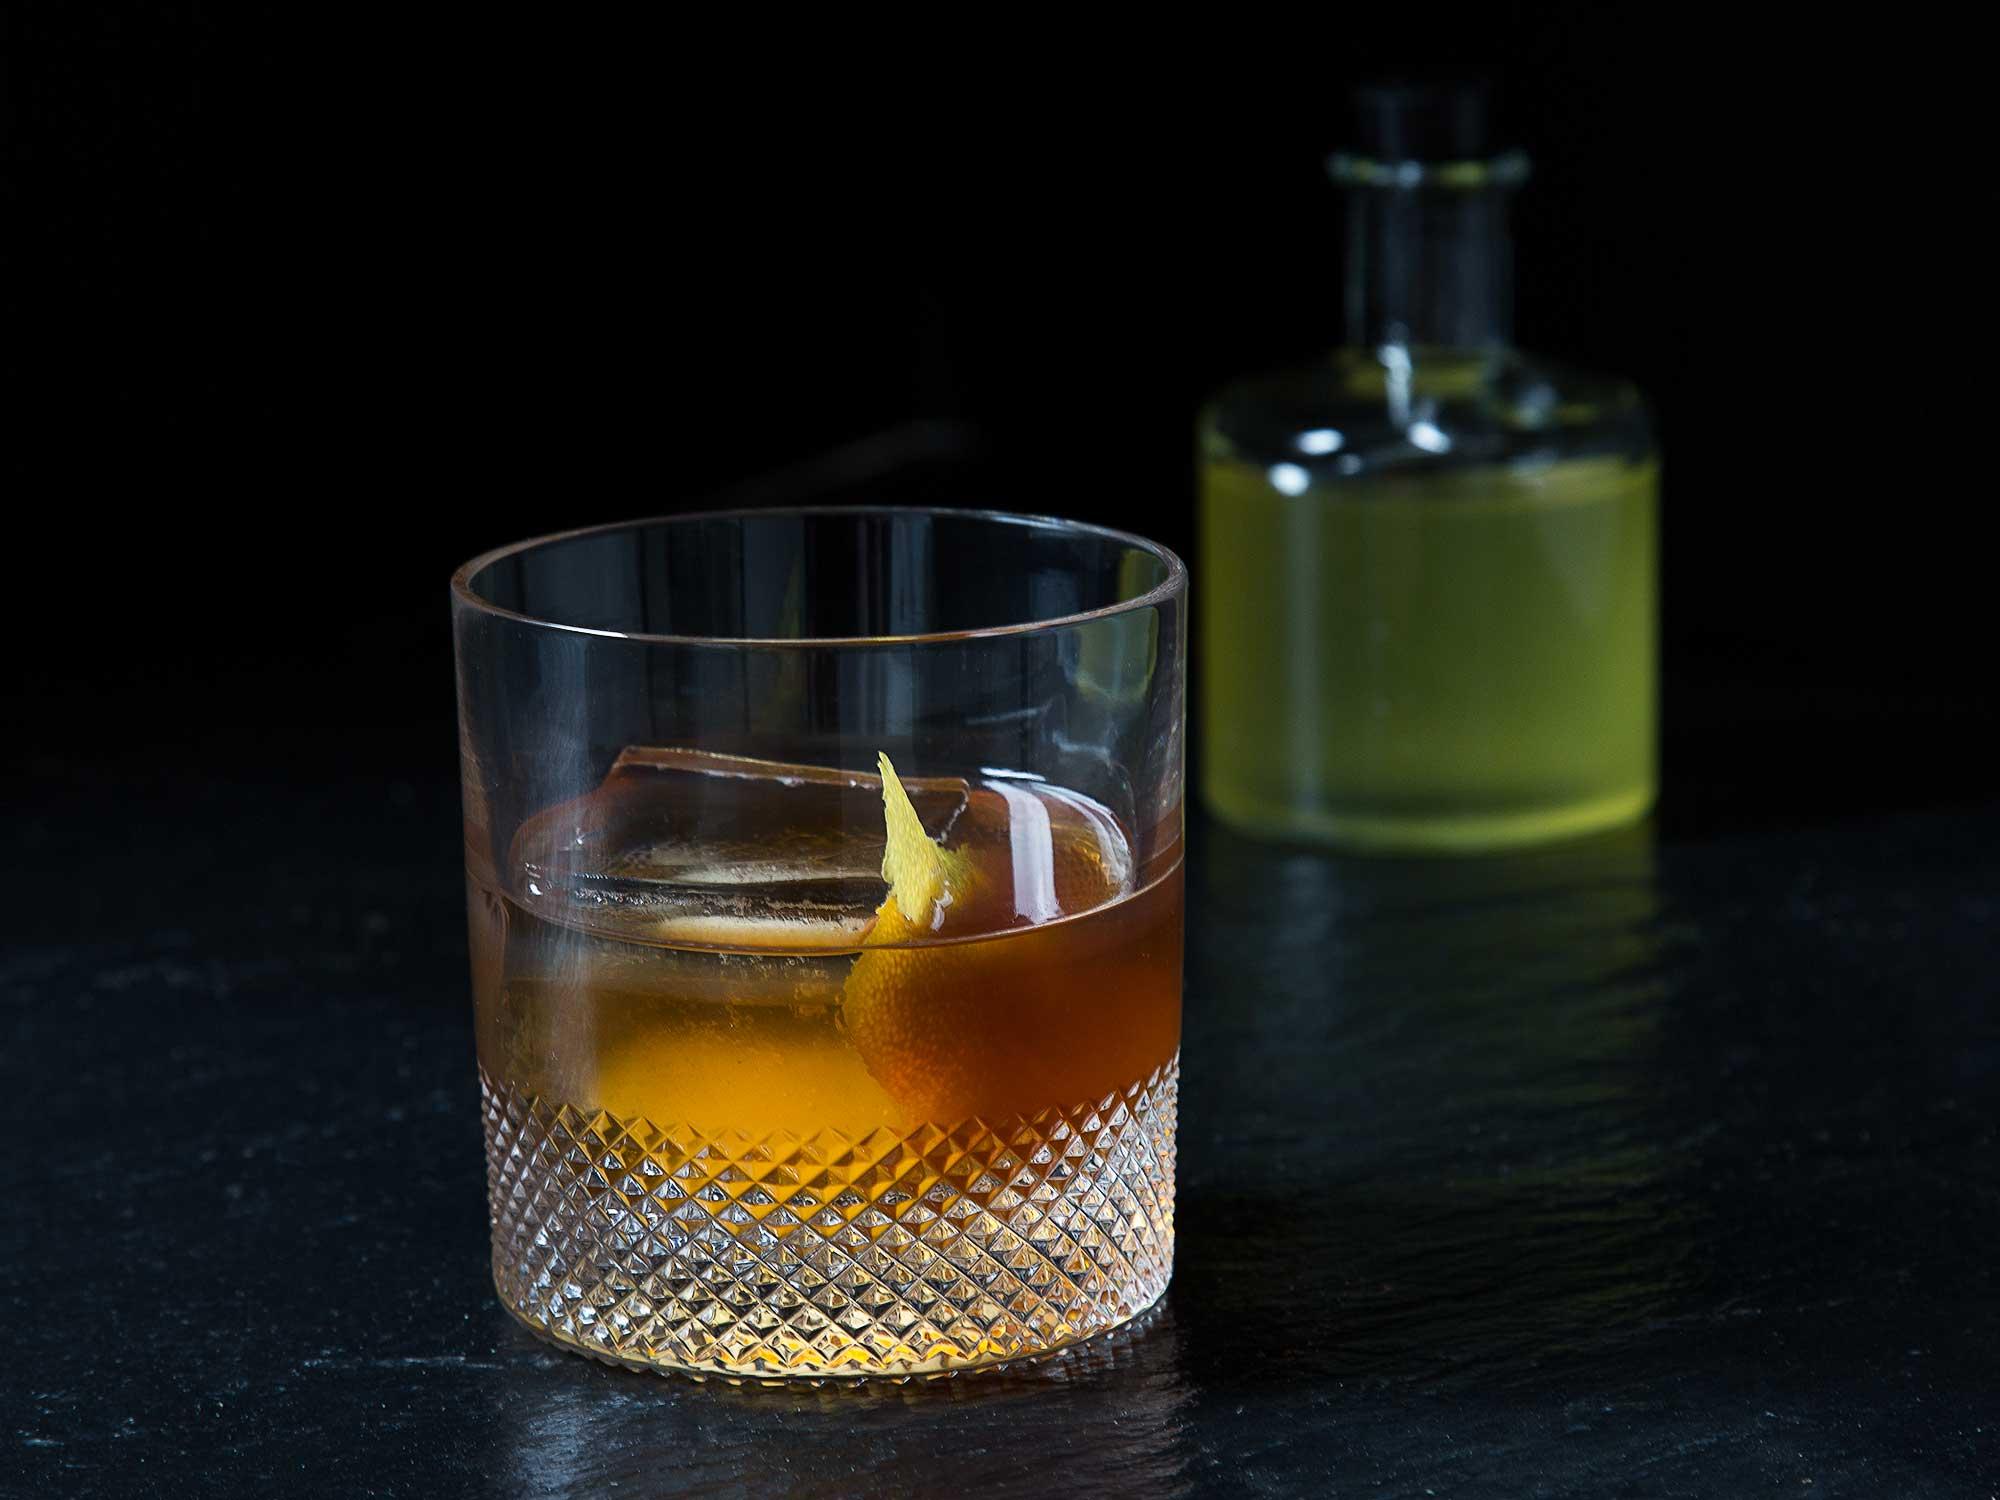 Oleo Saccharum Old Fashioned